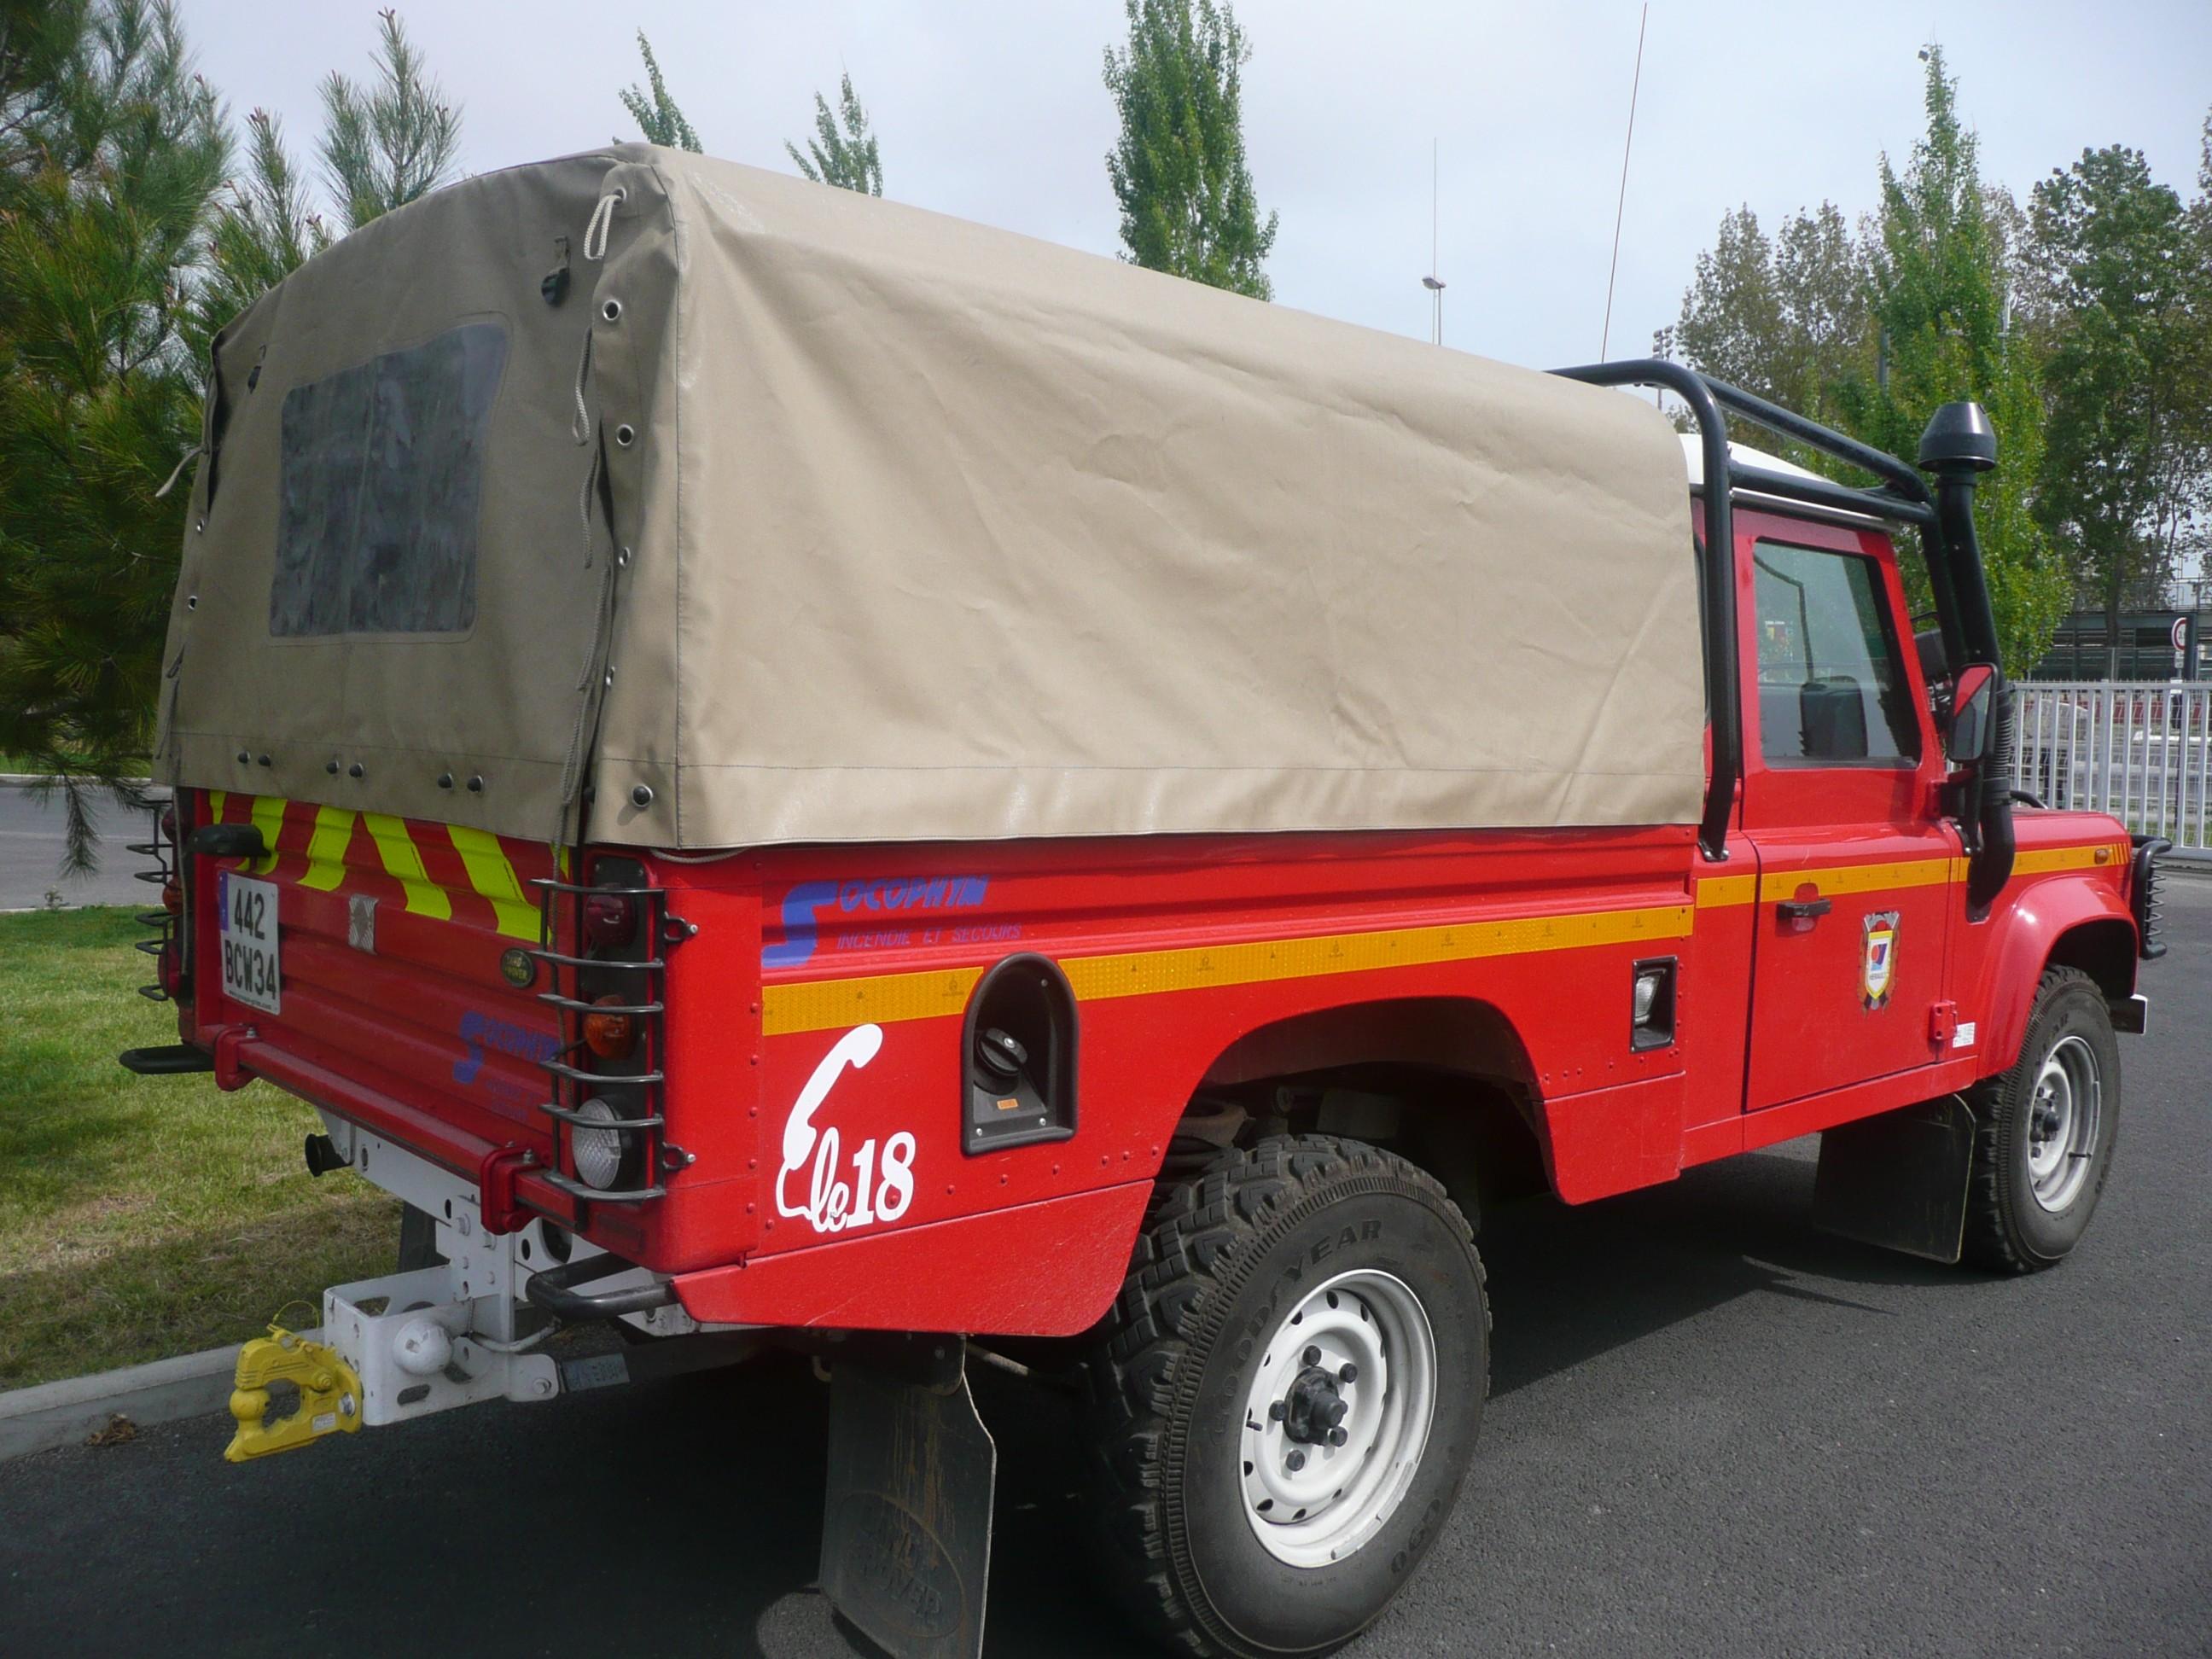 V hicules des pompiers fran ais page 995 auto titre for Garage auto frontignan